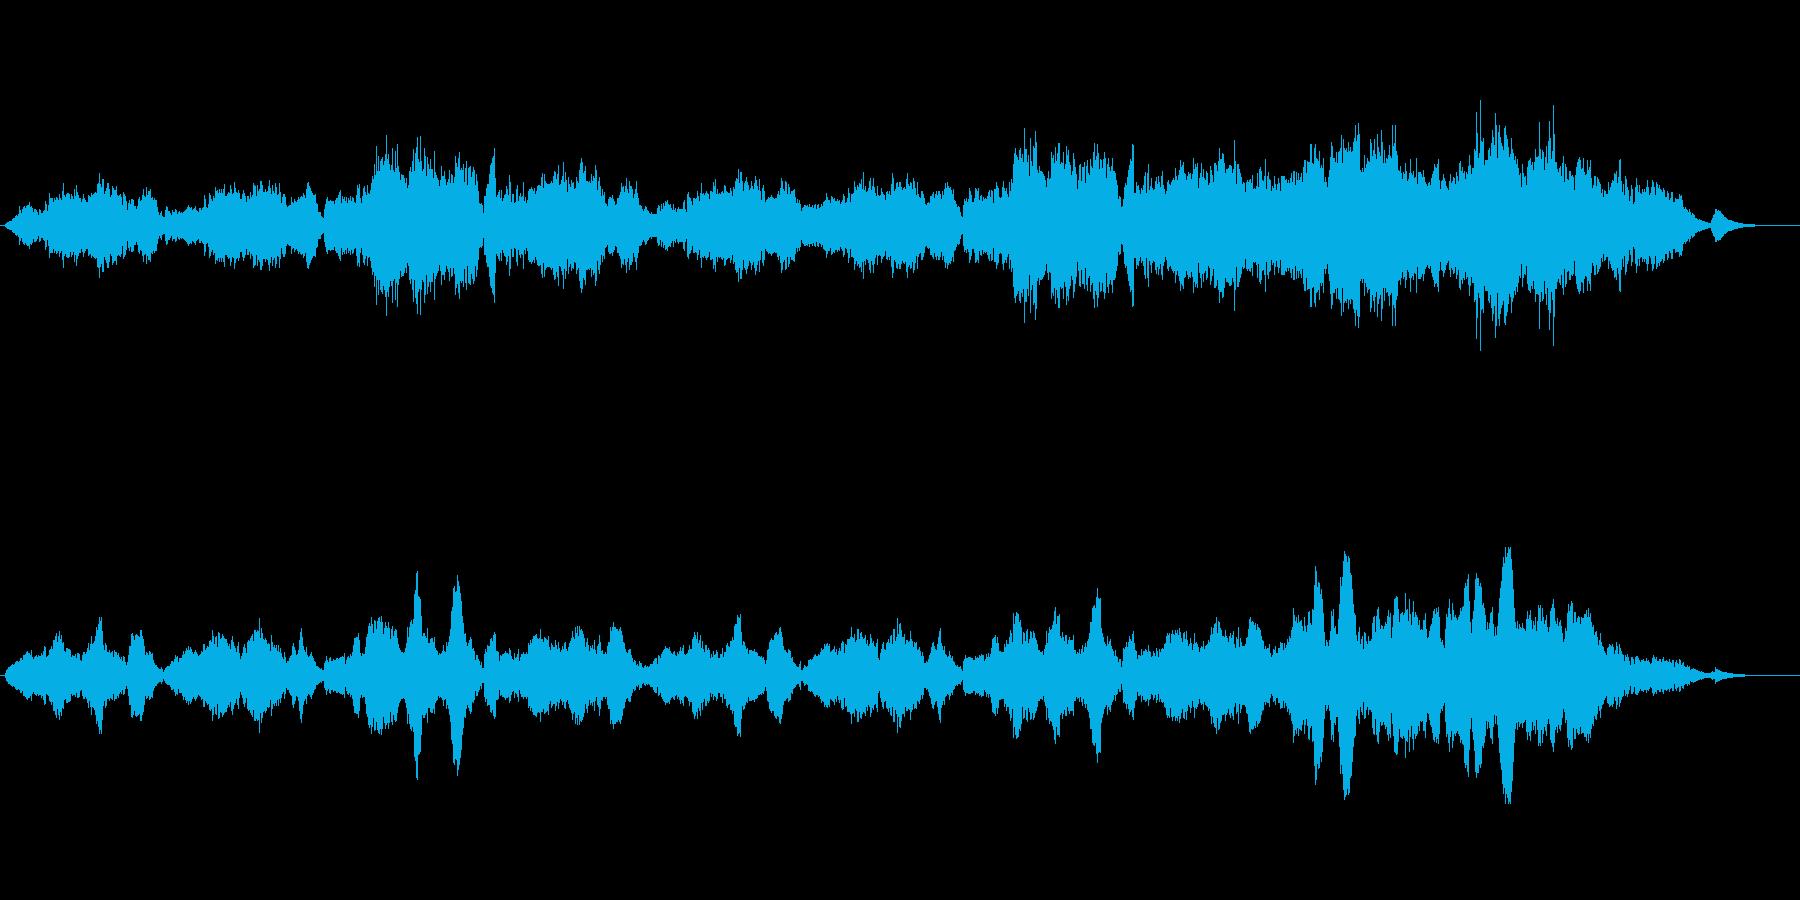 ゆったりとした癒し系オーケストラ楽曲の再生済みの波形